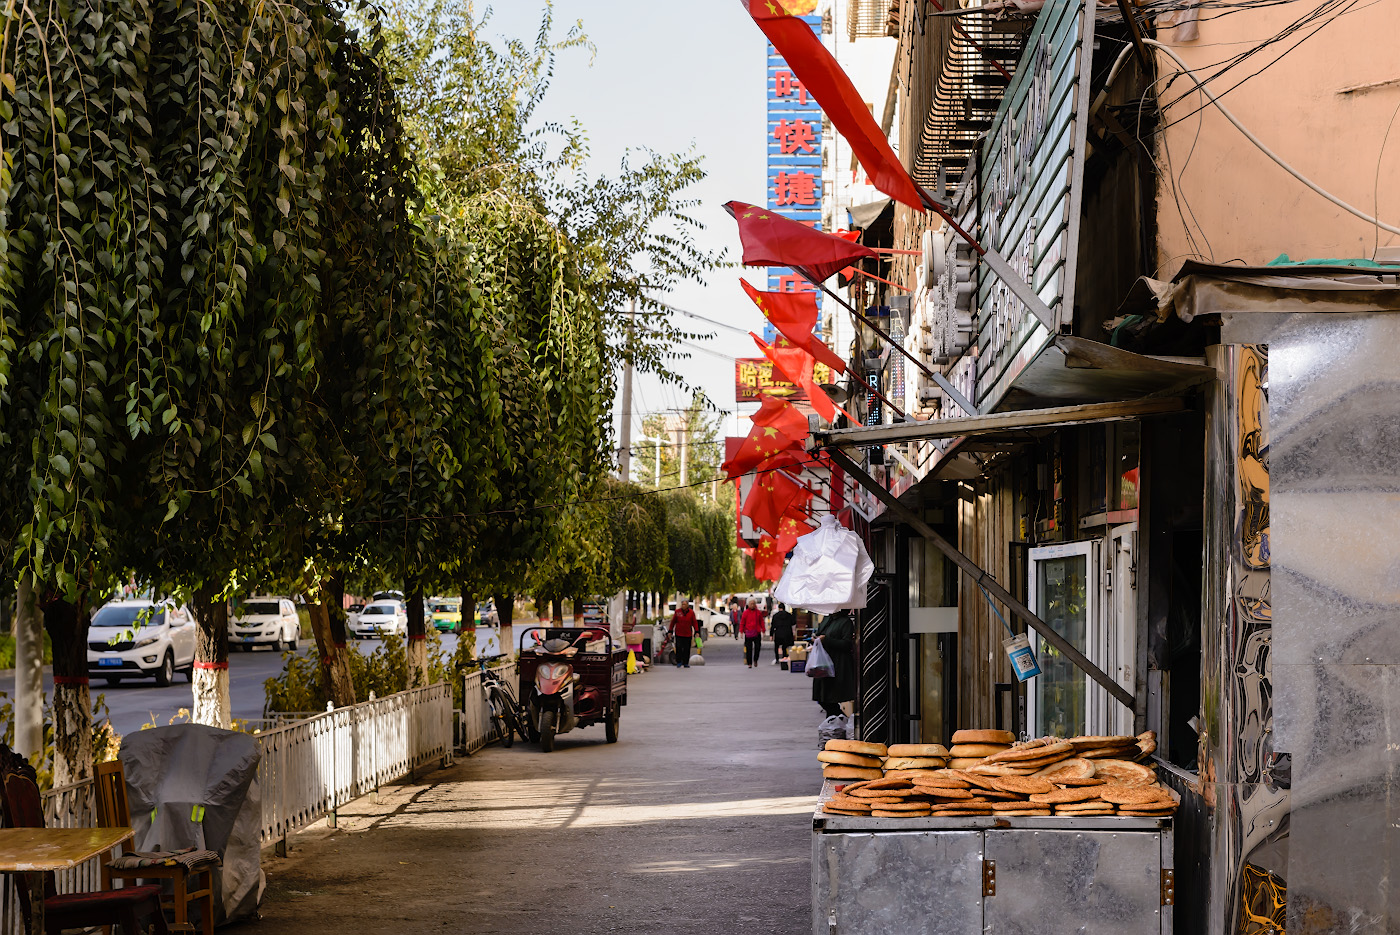 Фото 20. Что-что, а лепешки в Урумчи просто восхитительны. Отчет о путешествии по Китаю. 1/160, 9.0, 450, 70.